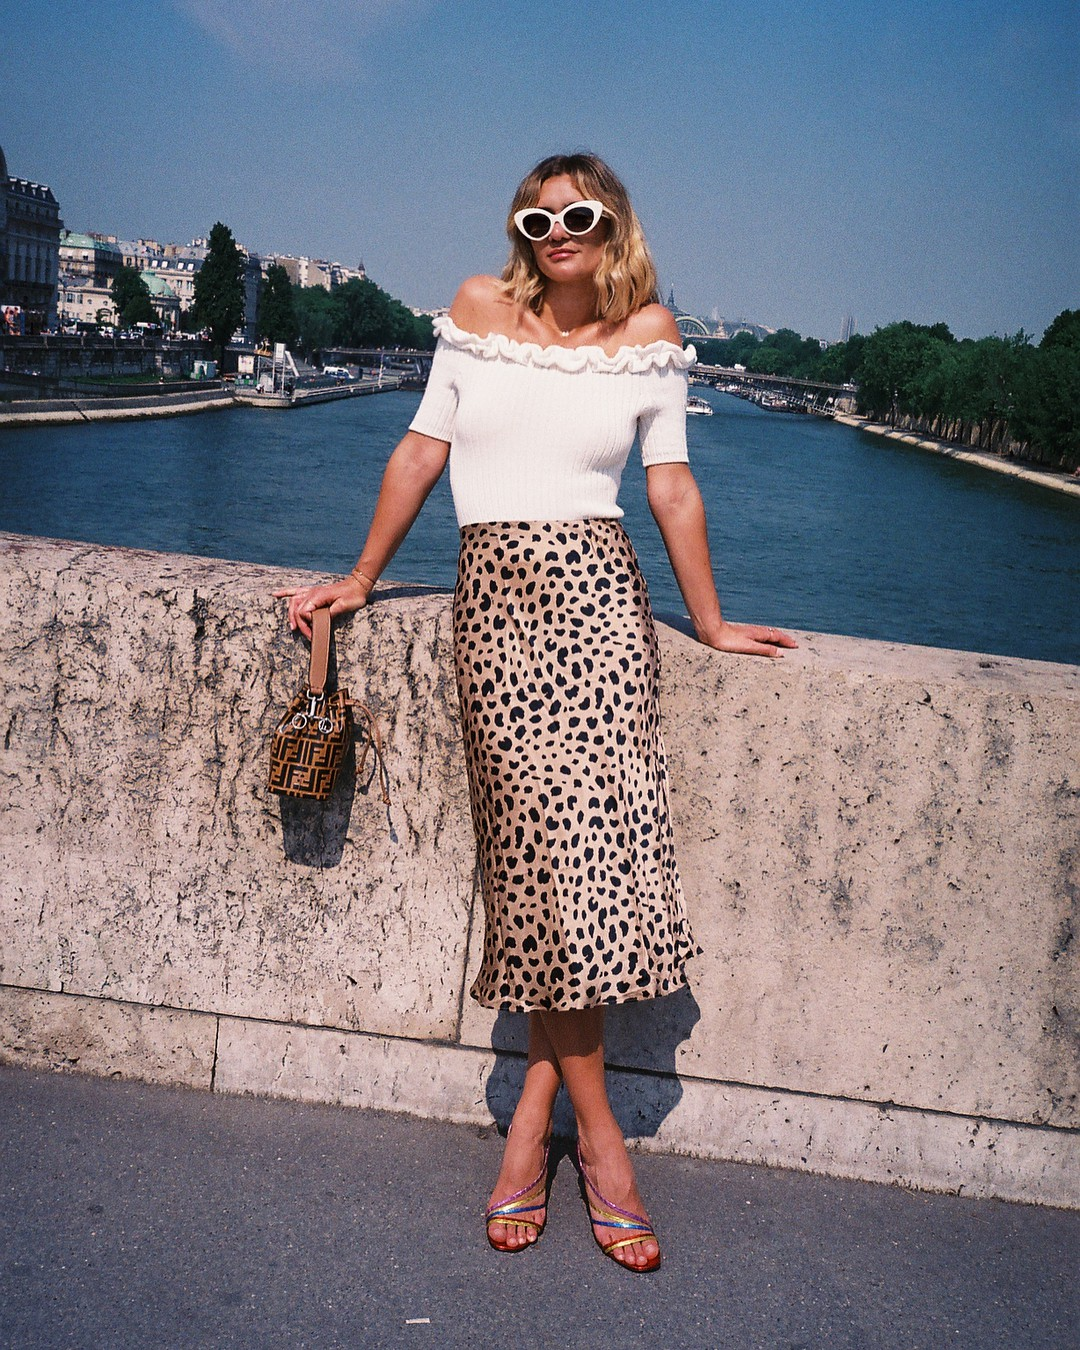 Sắm đủ 6 món đồ này, bạn hoàn toàn có thể mặc đẹp như một quý cô người Pháp - Ảnh 3.